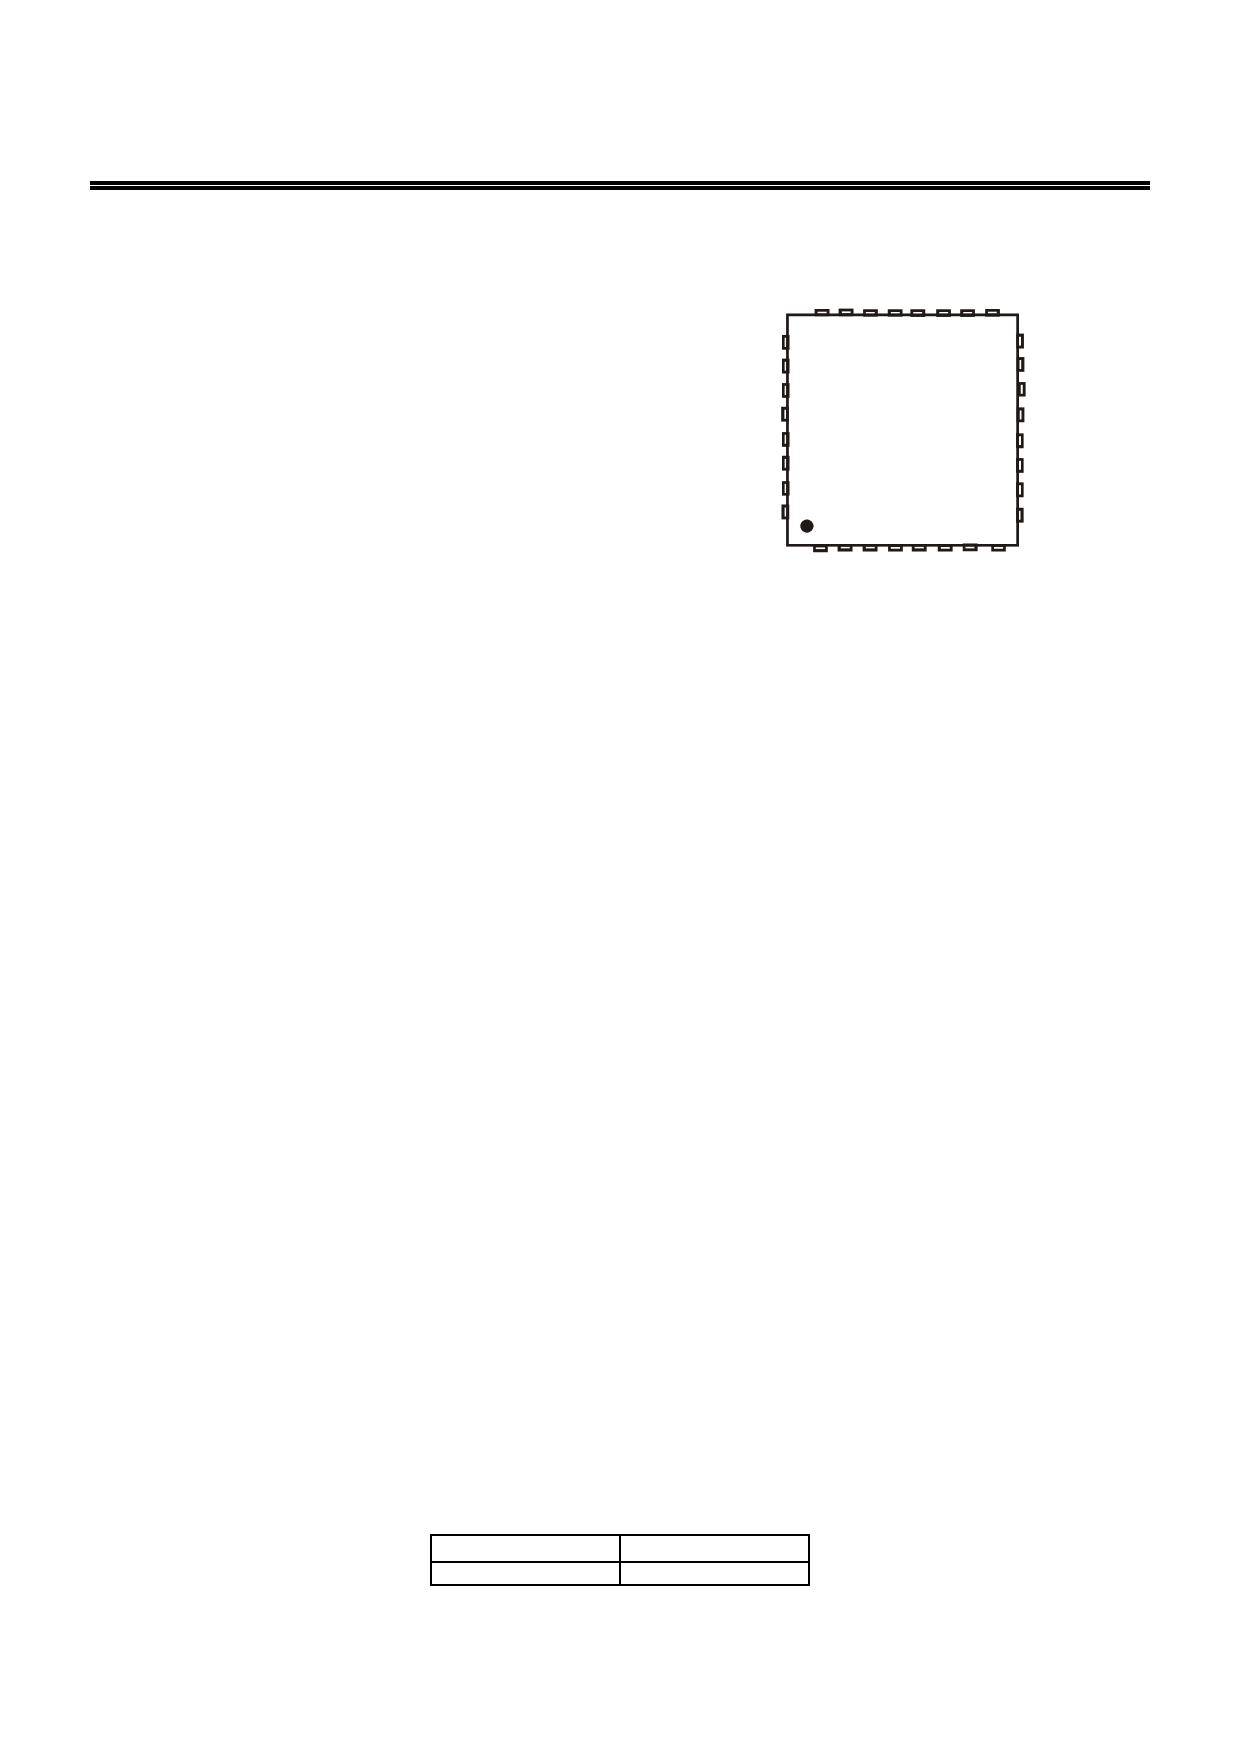 QT1081 datasheet